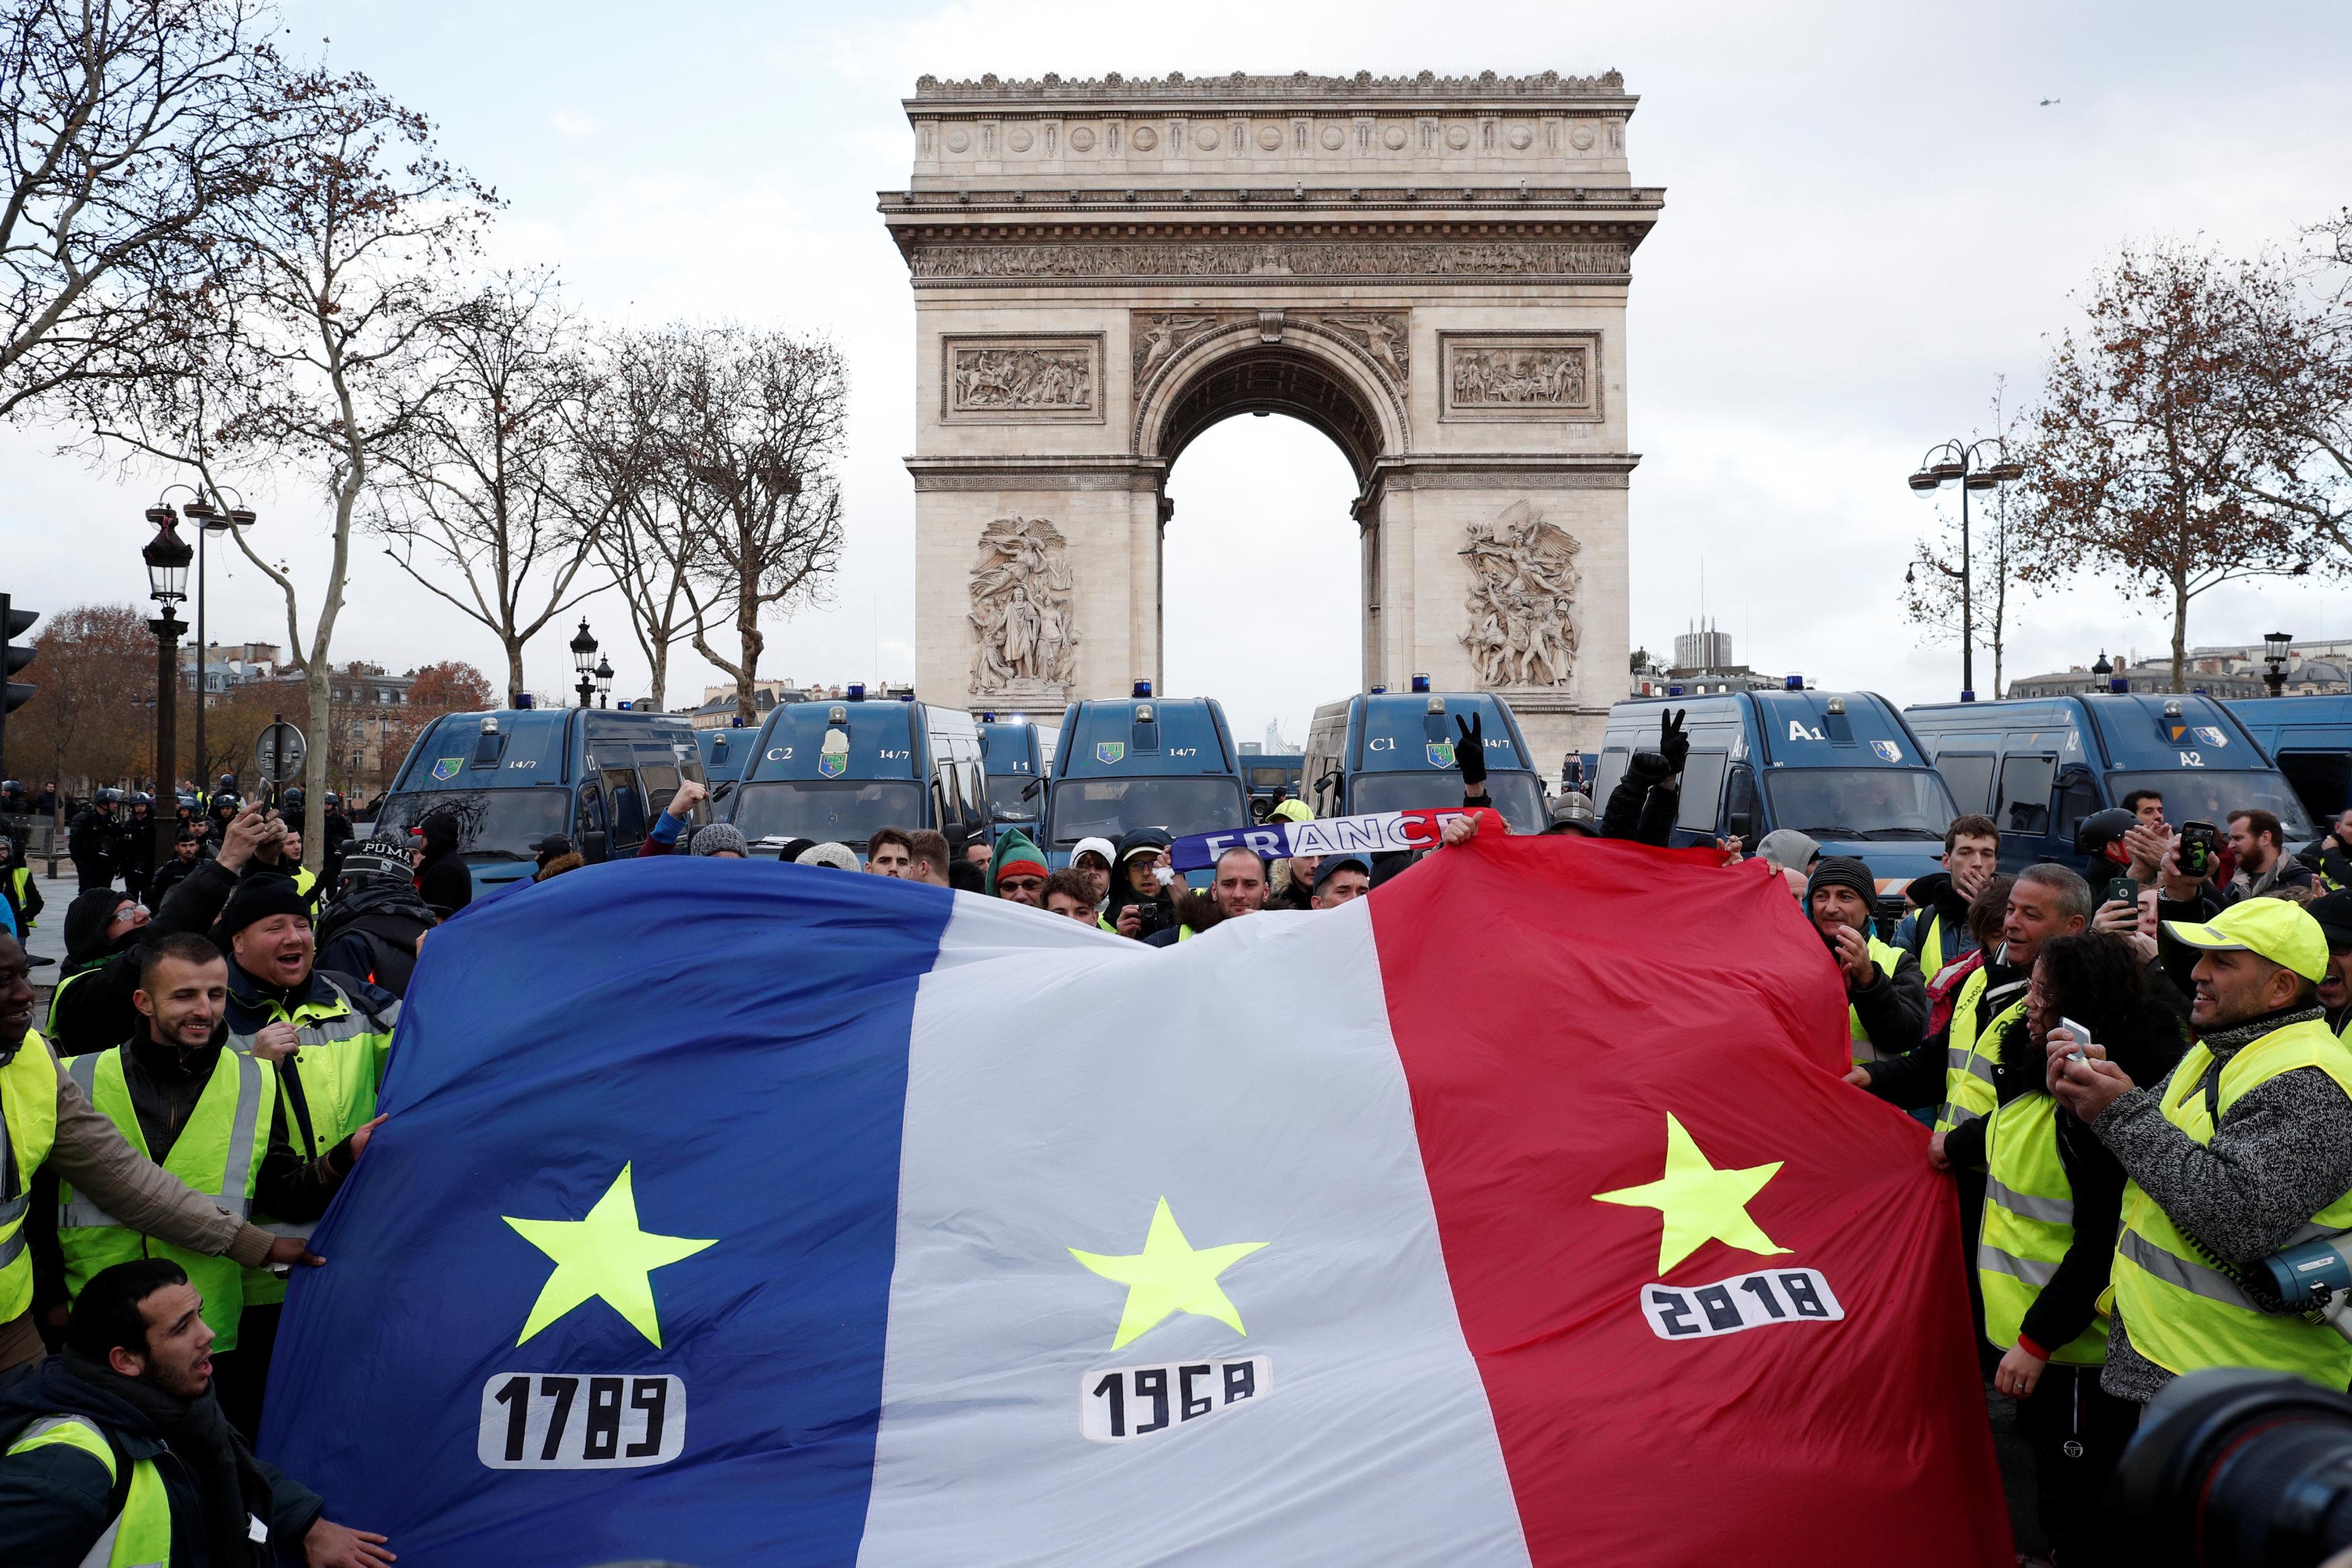 المتظاهرون يرفعون علم فرنسا